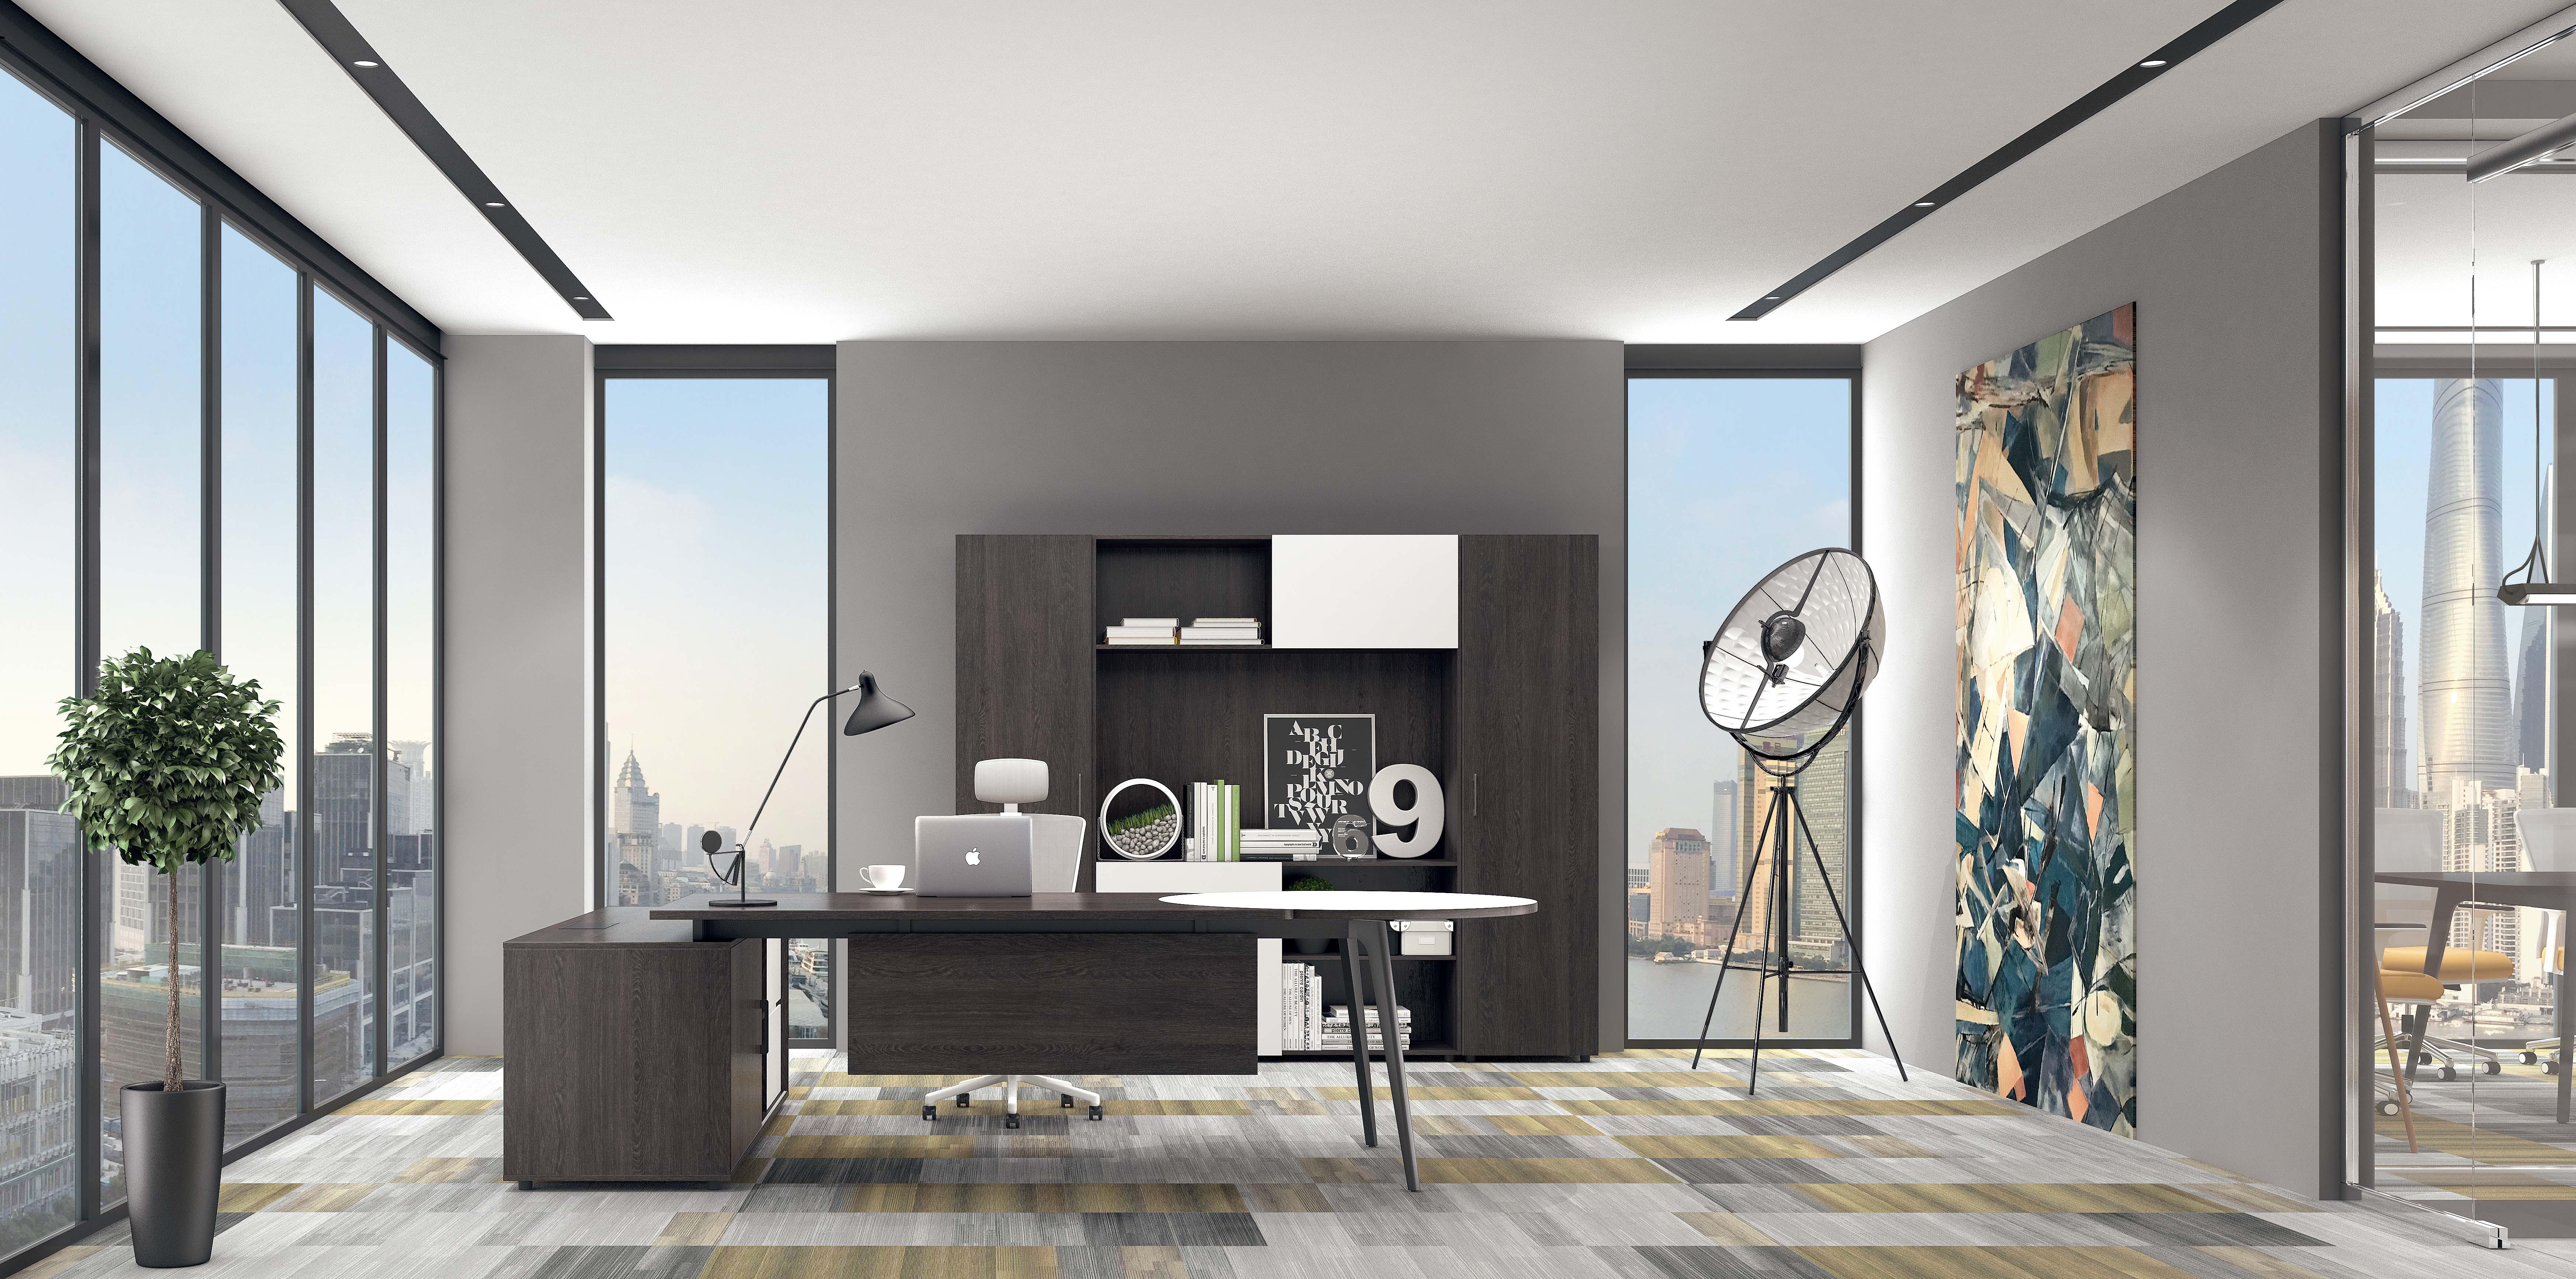 2020年新款办公家具上市啦,欢迎捧??!